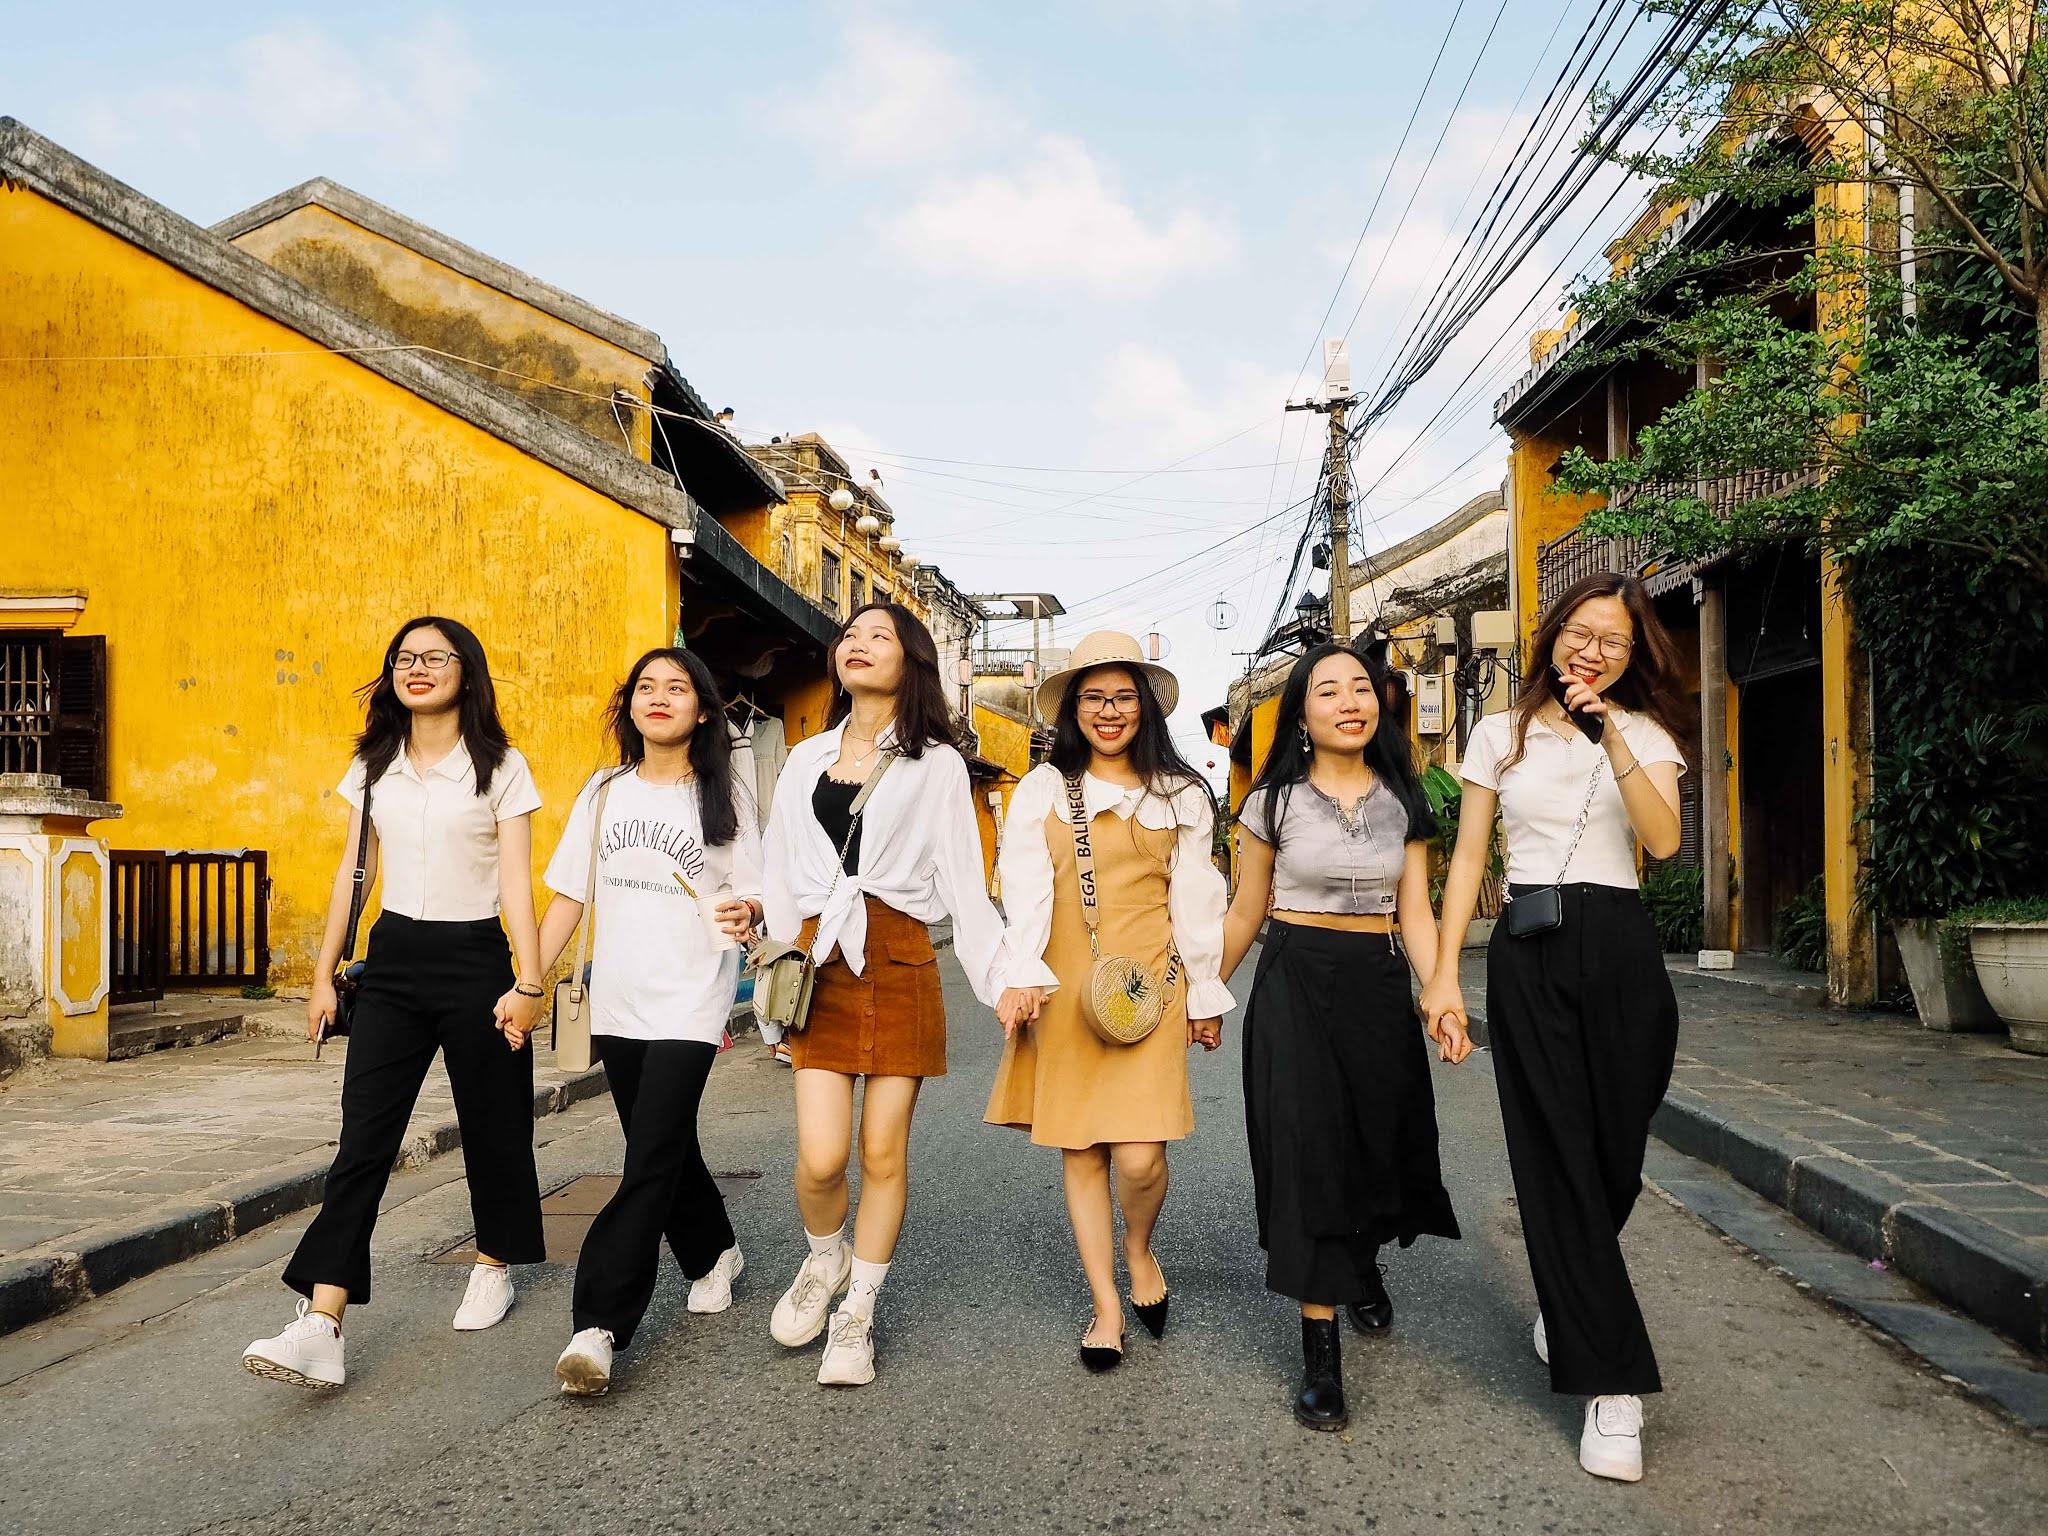 Quy trình đặt lịch chụp ảnh ngoại cảnh tại Hội An - Photographer: Khôi Trần